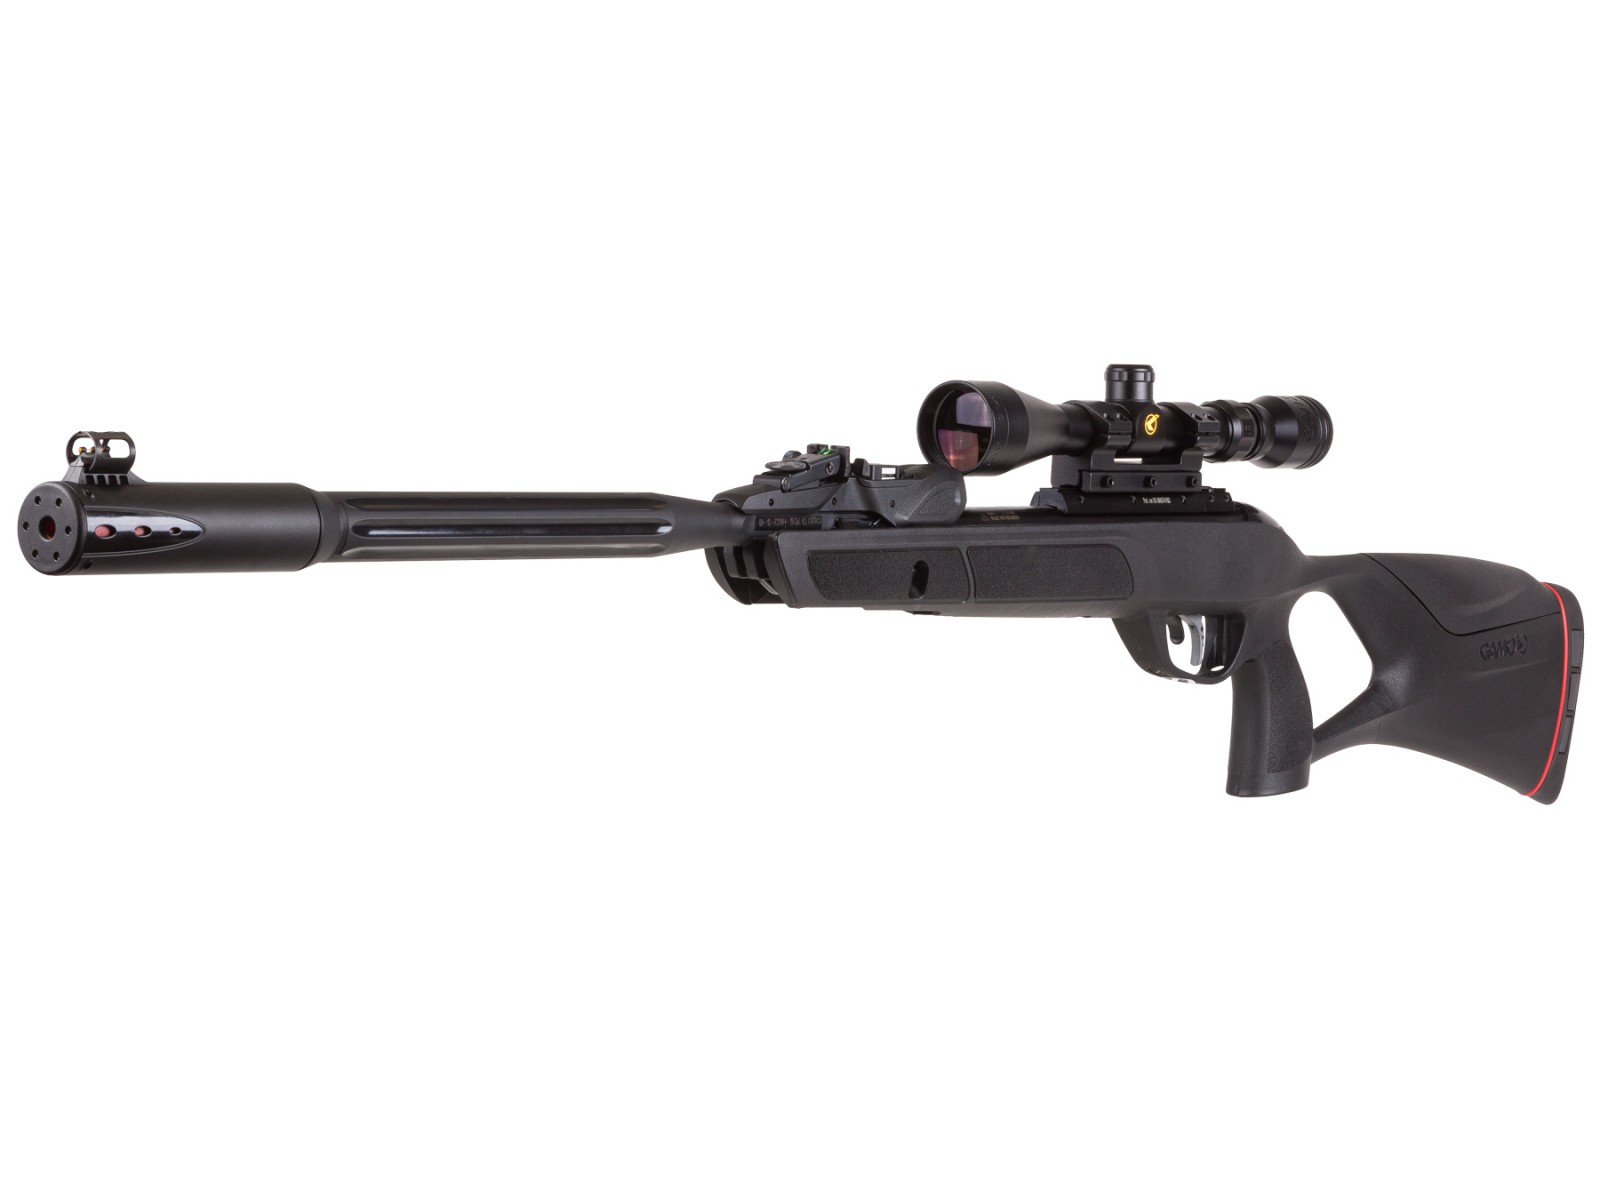 Cheap Gamo Swarm Fusion 10X Gen2, Multi-shot Air Rifle 0.177